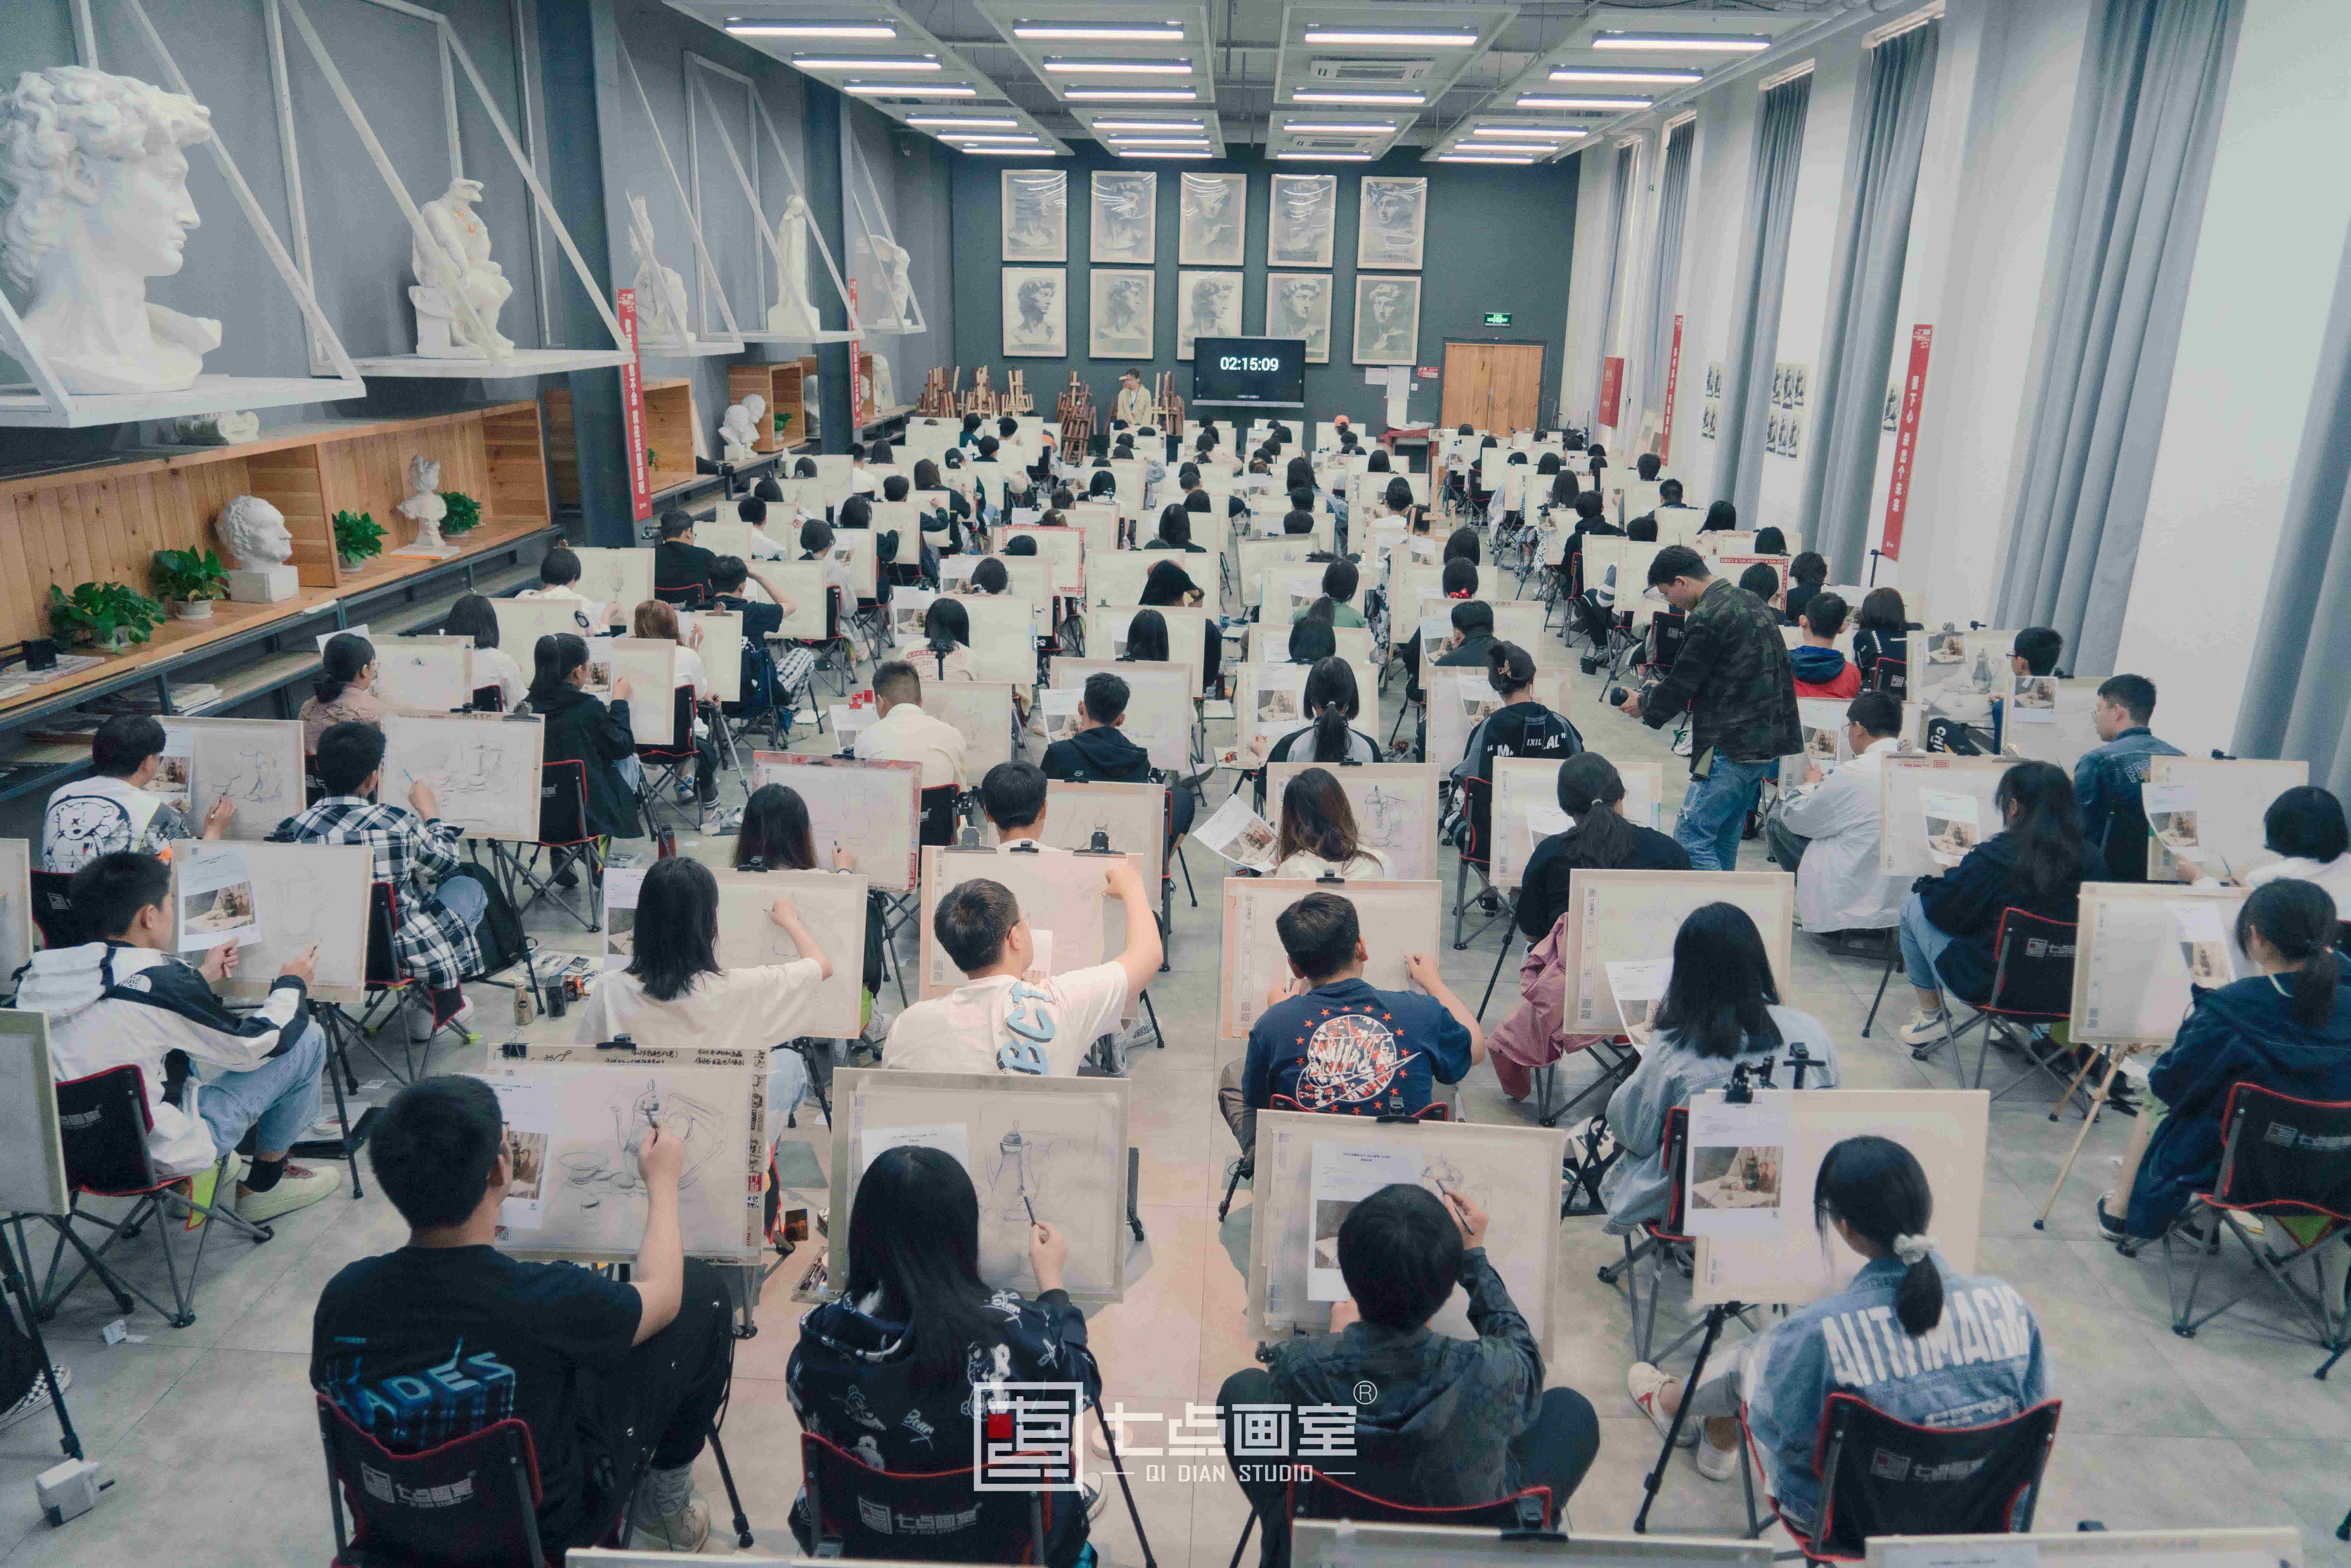 【七点画室第一次月考】朝着梦想,努力追逐!